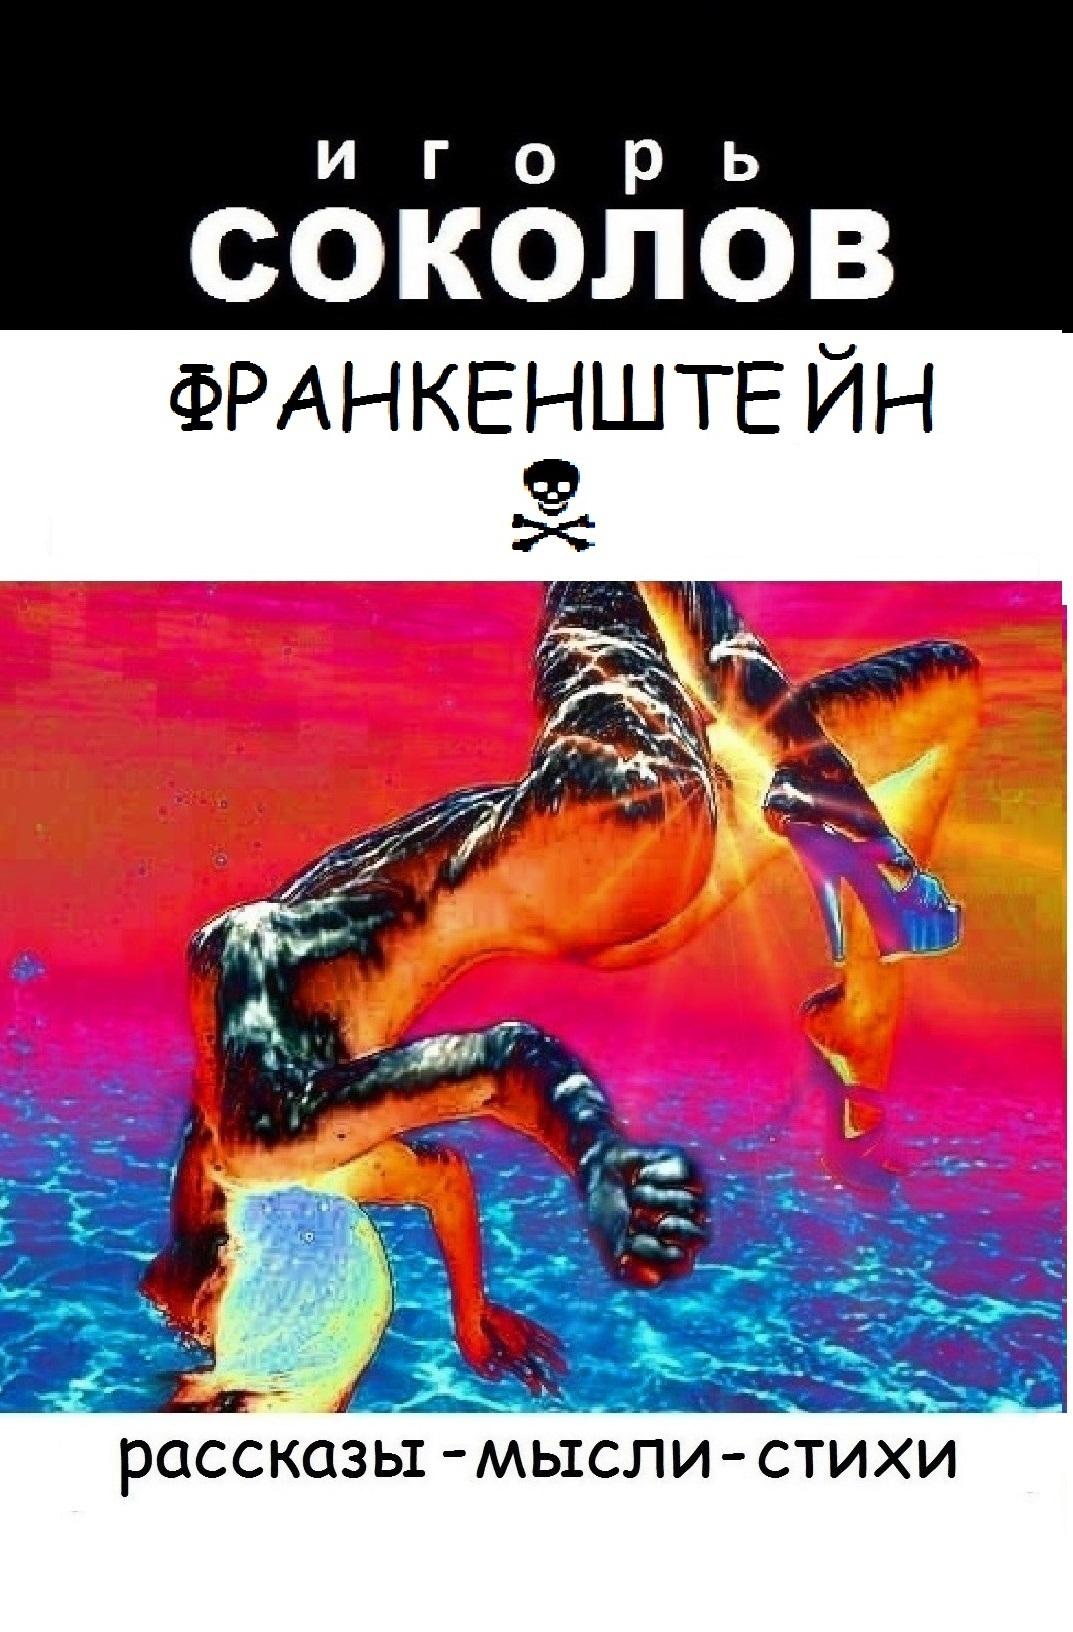 ФРАНКЕНШТЕЙН. Автор: Игорь Соколов